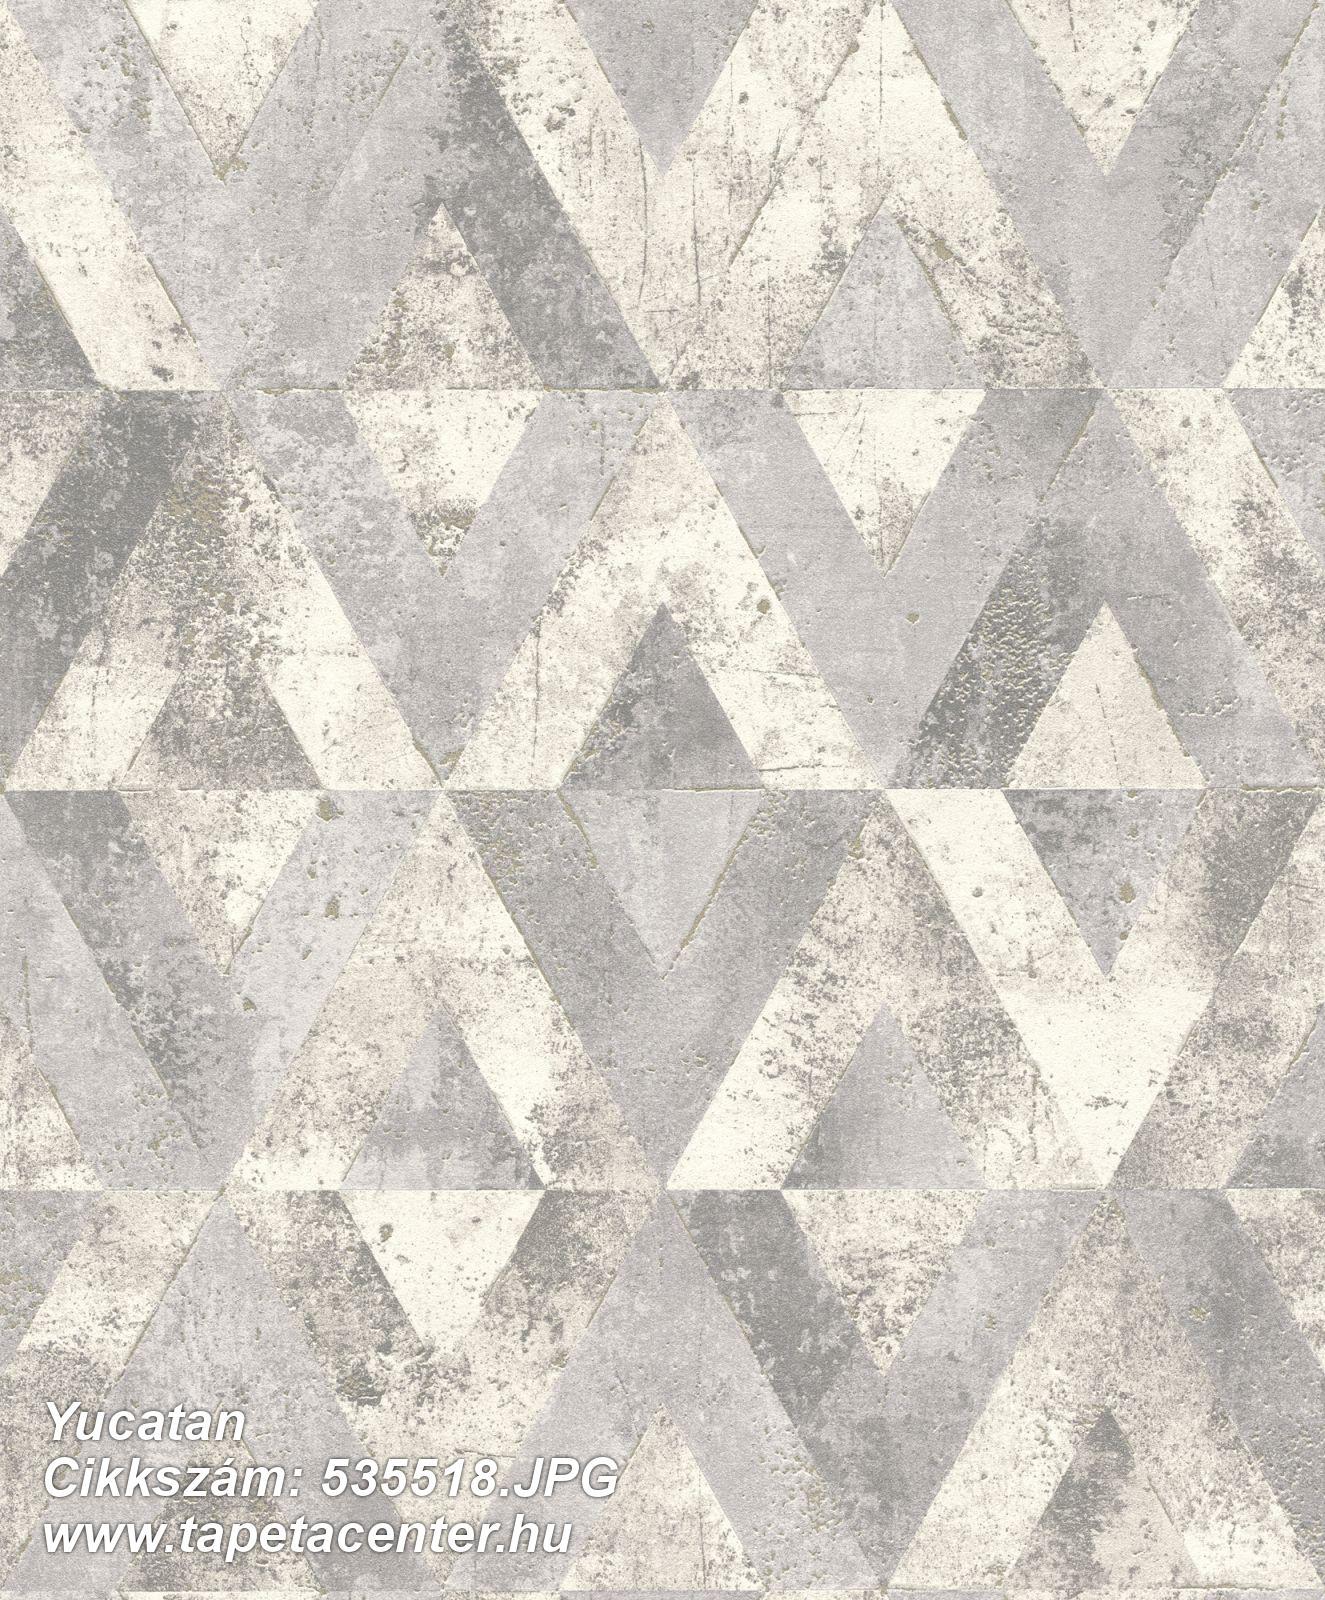 Absztrakt,geometriai mintás,fehér,szürke,lemosható,vlies tapéta